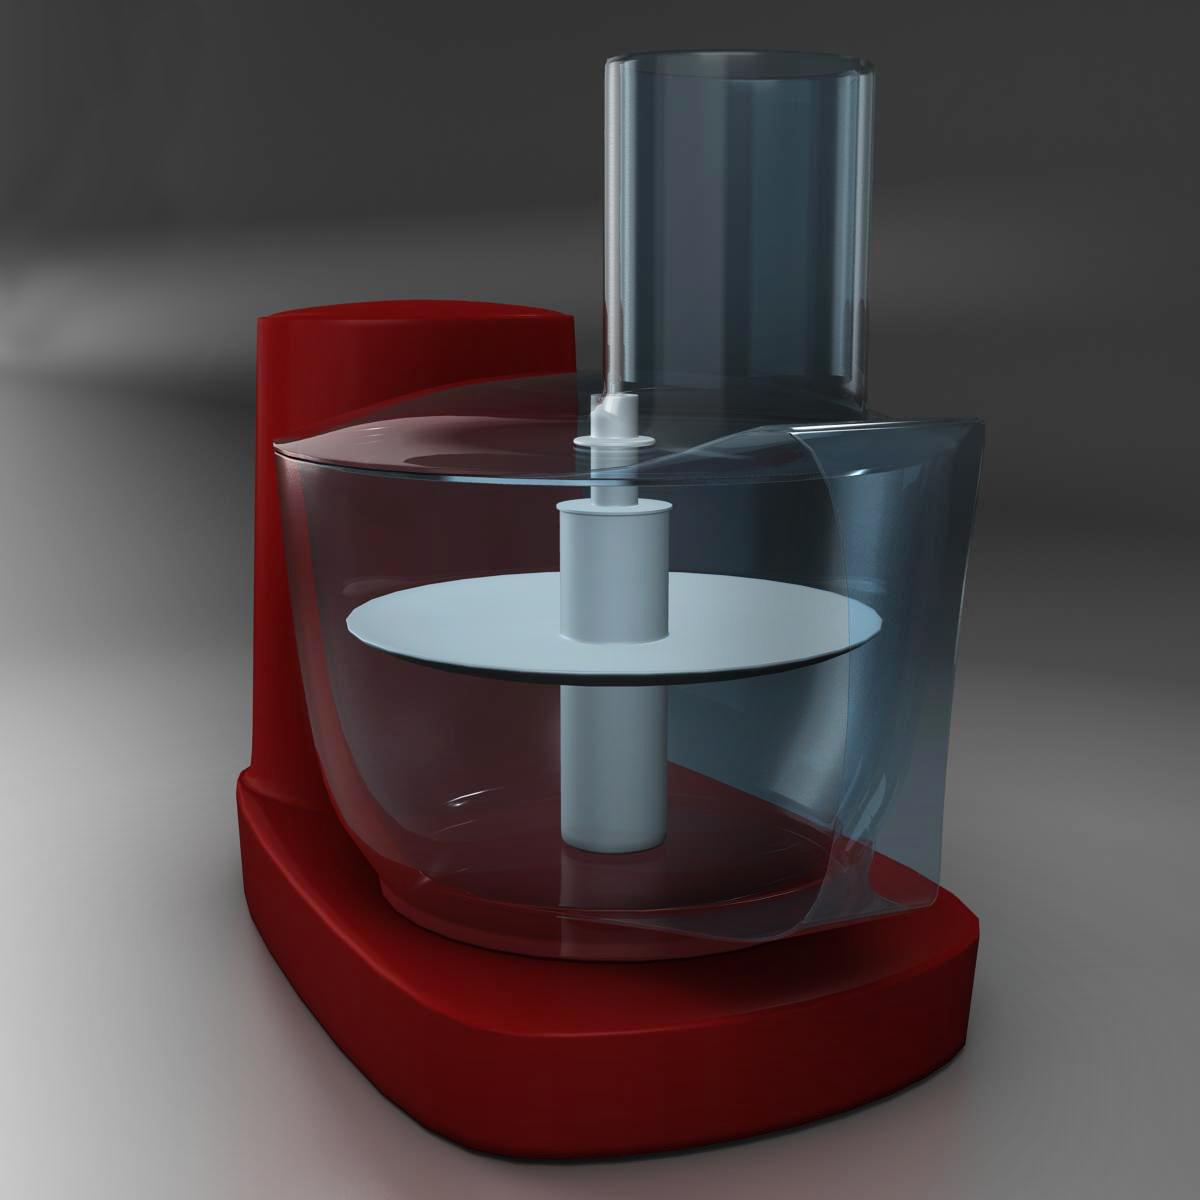 mixer 3d model 3ds max fbx c4d ma mb obj 159409